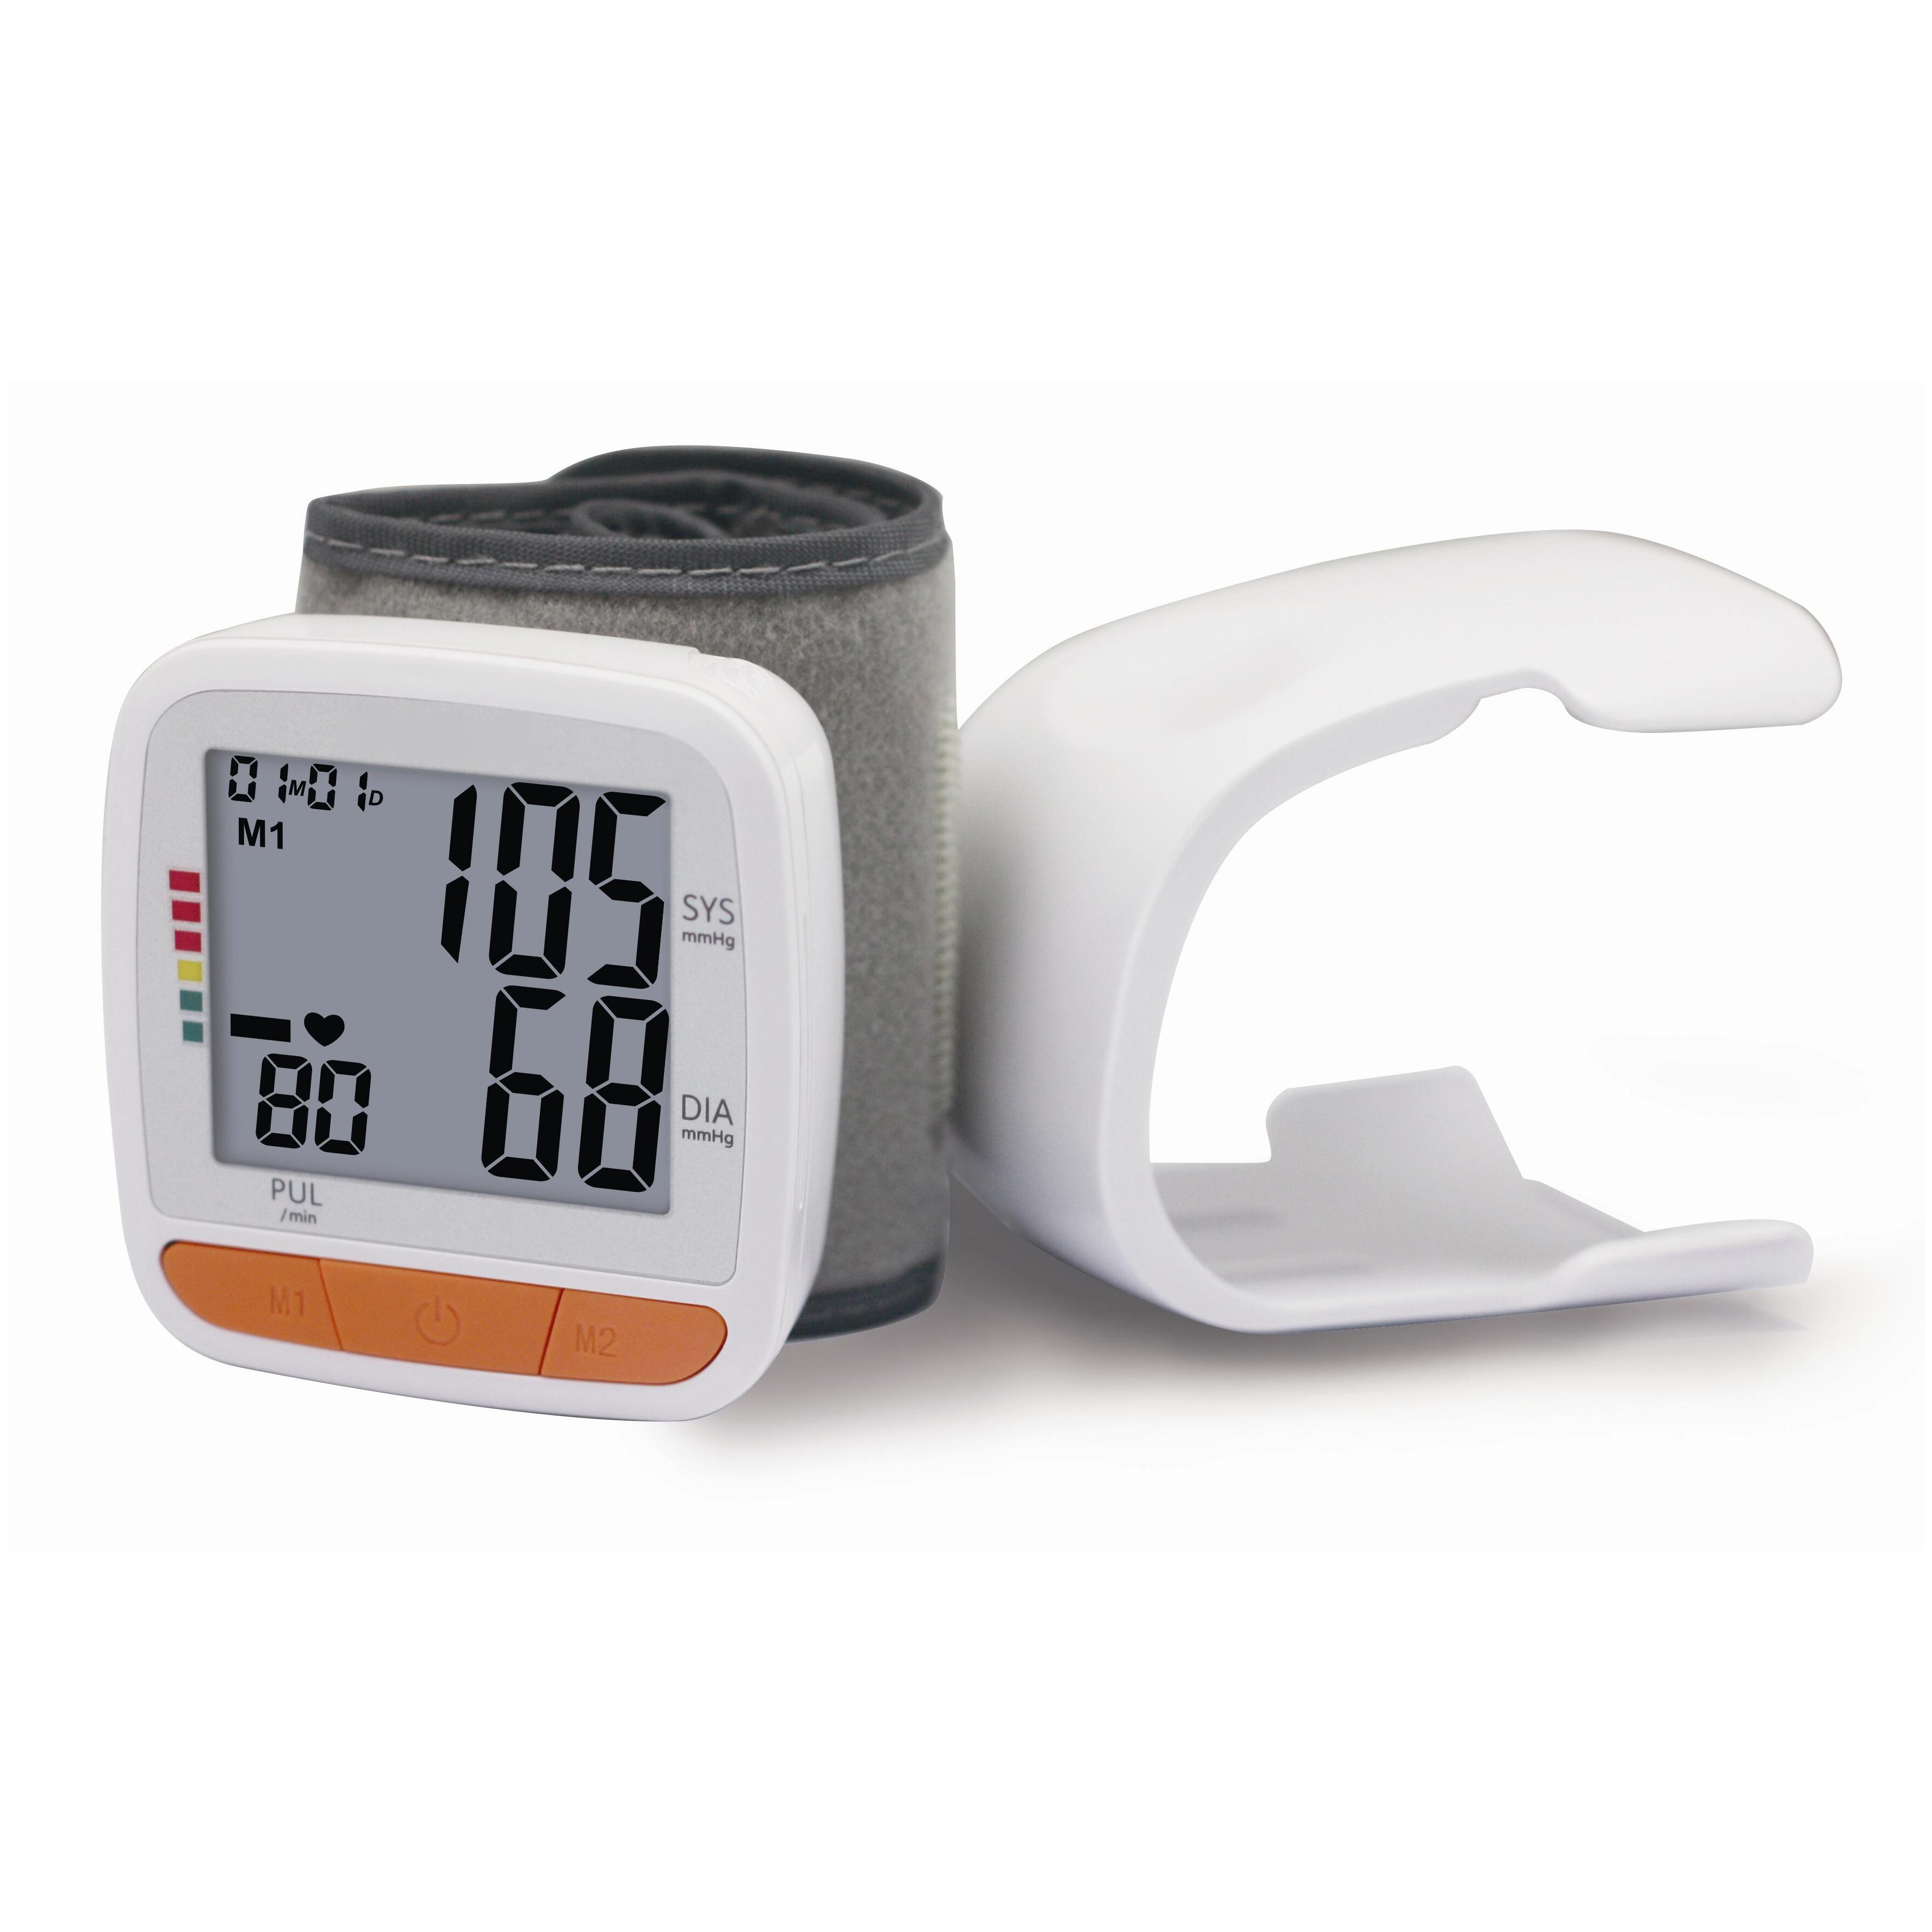 디지털 손목 시계 bp 혈압 모니터 미터 혈압계 tensiometro